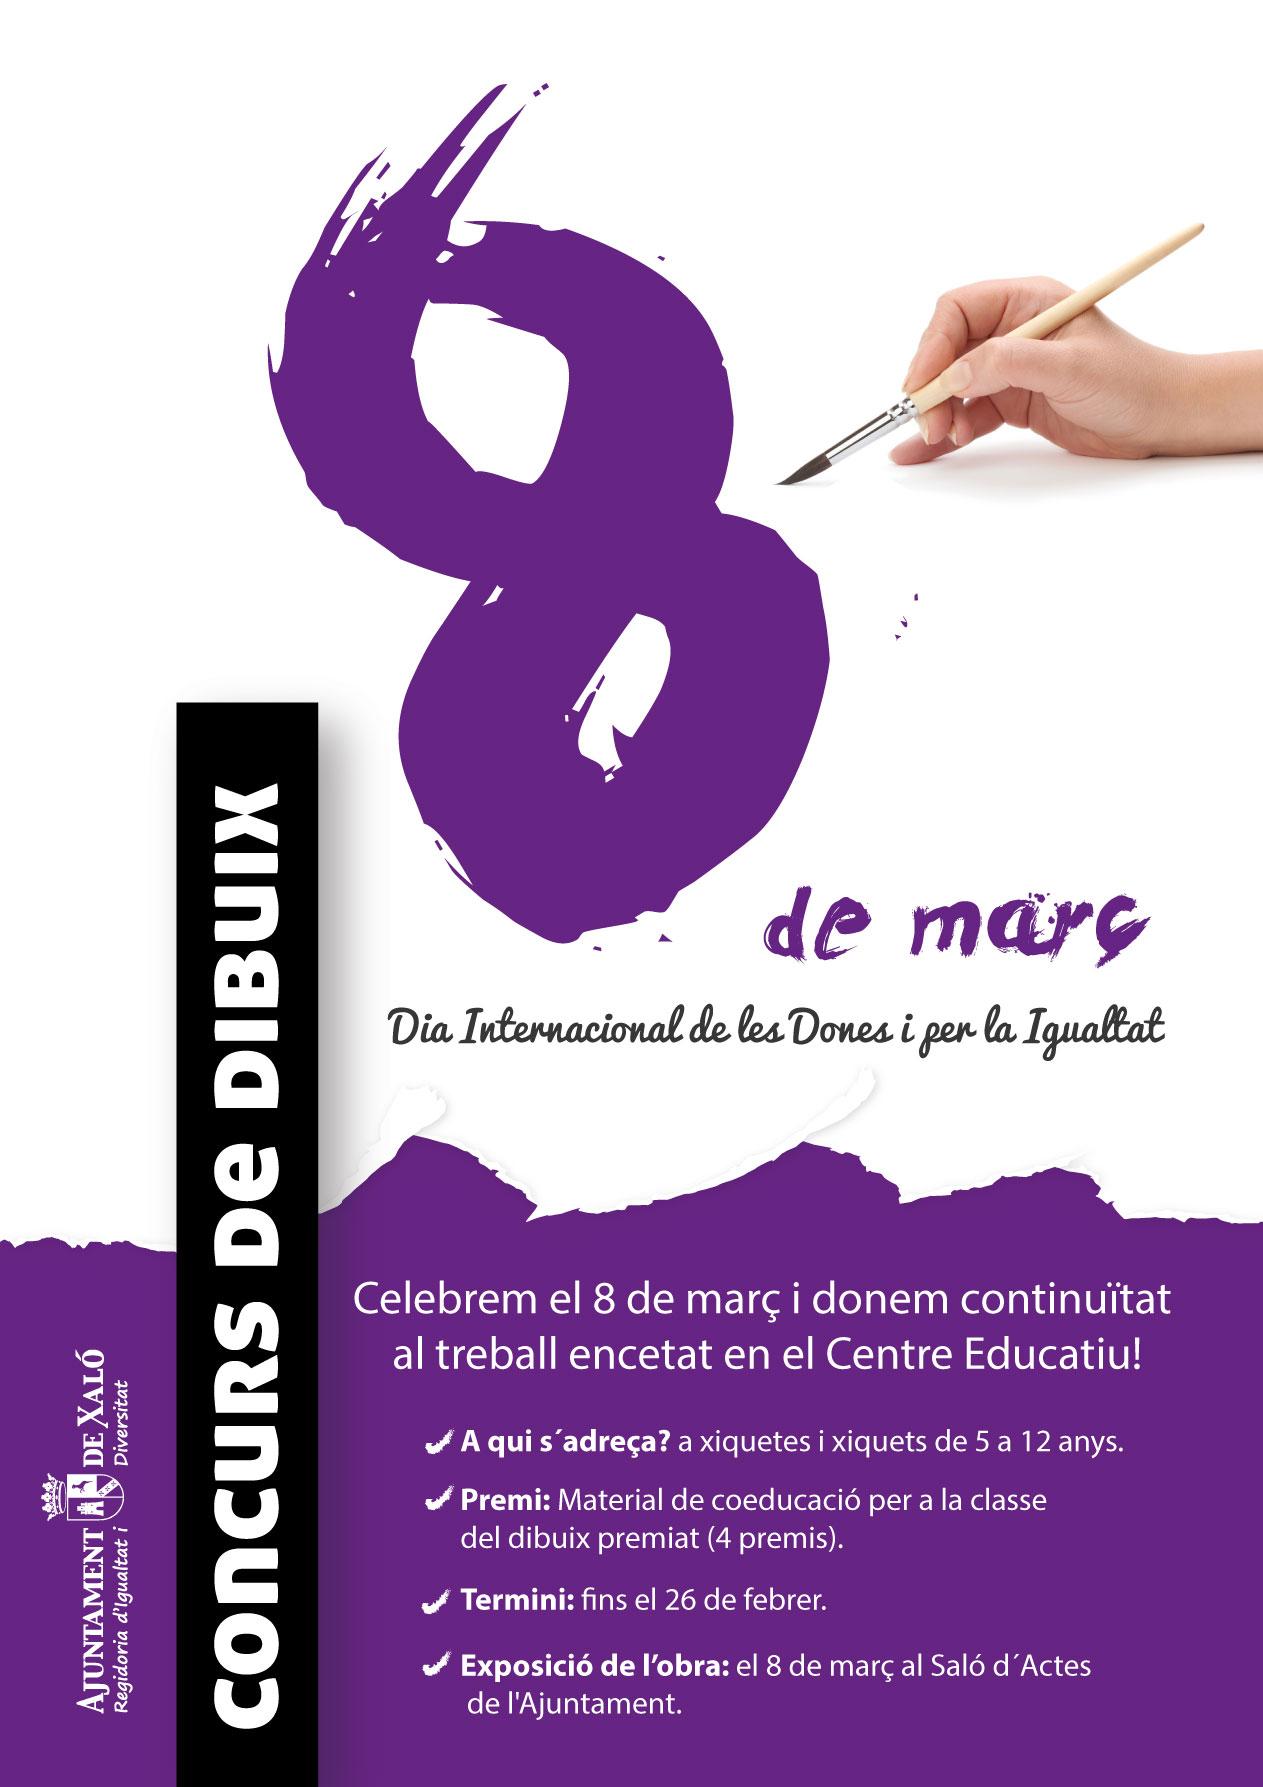 CONCURSO DE DIBUJO «8 DE MARÇ»